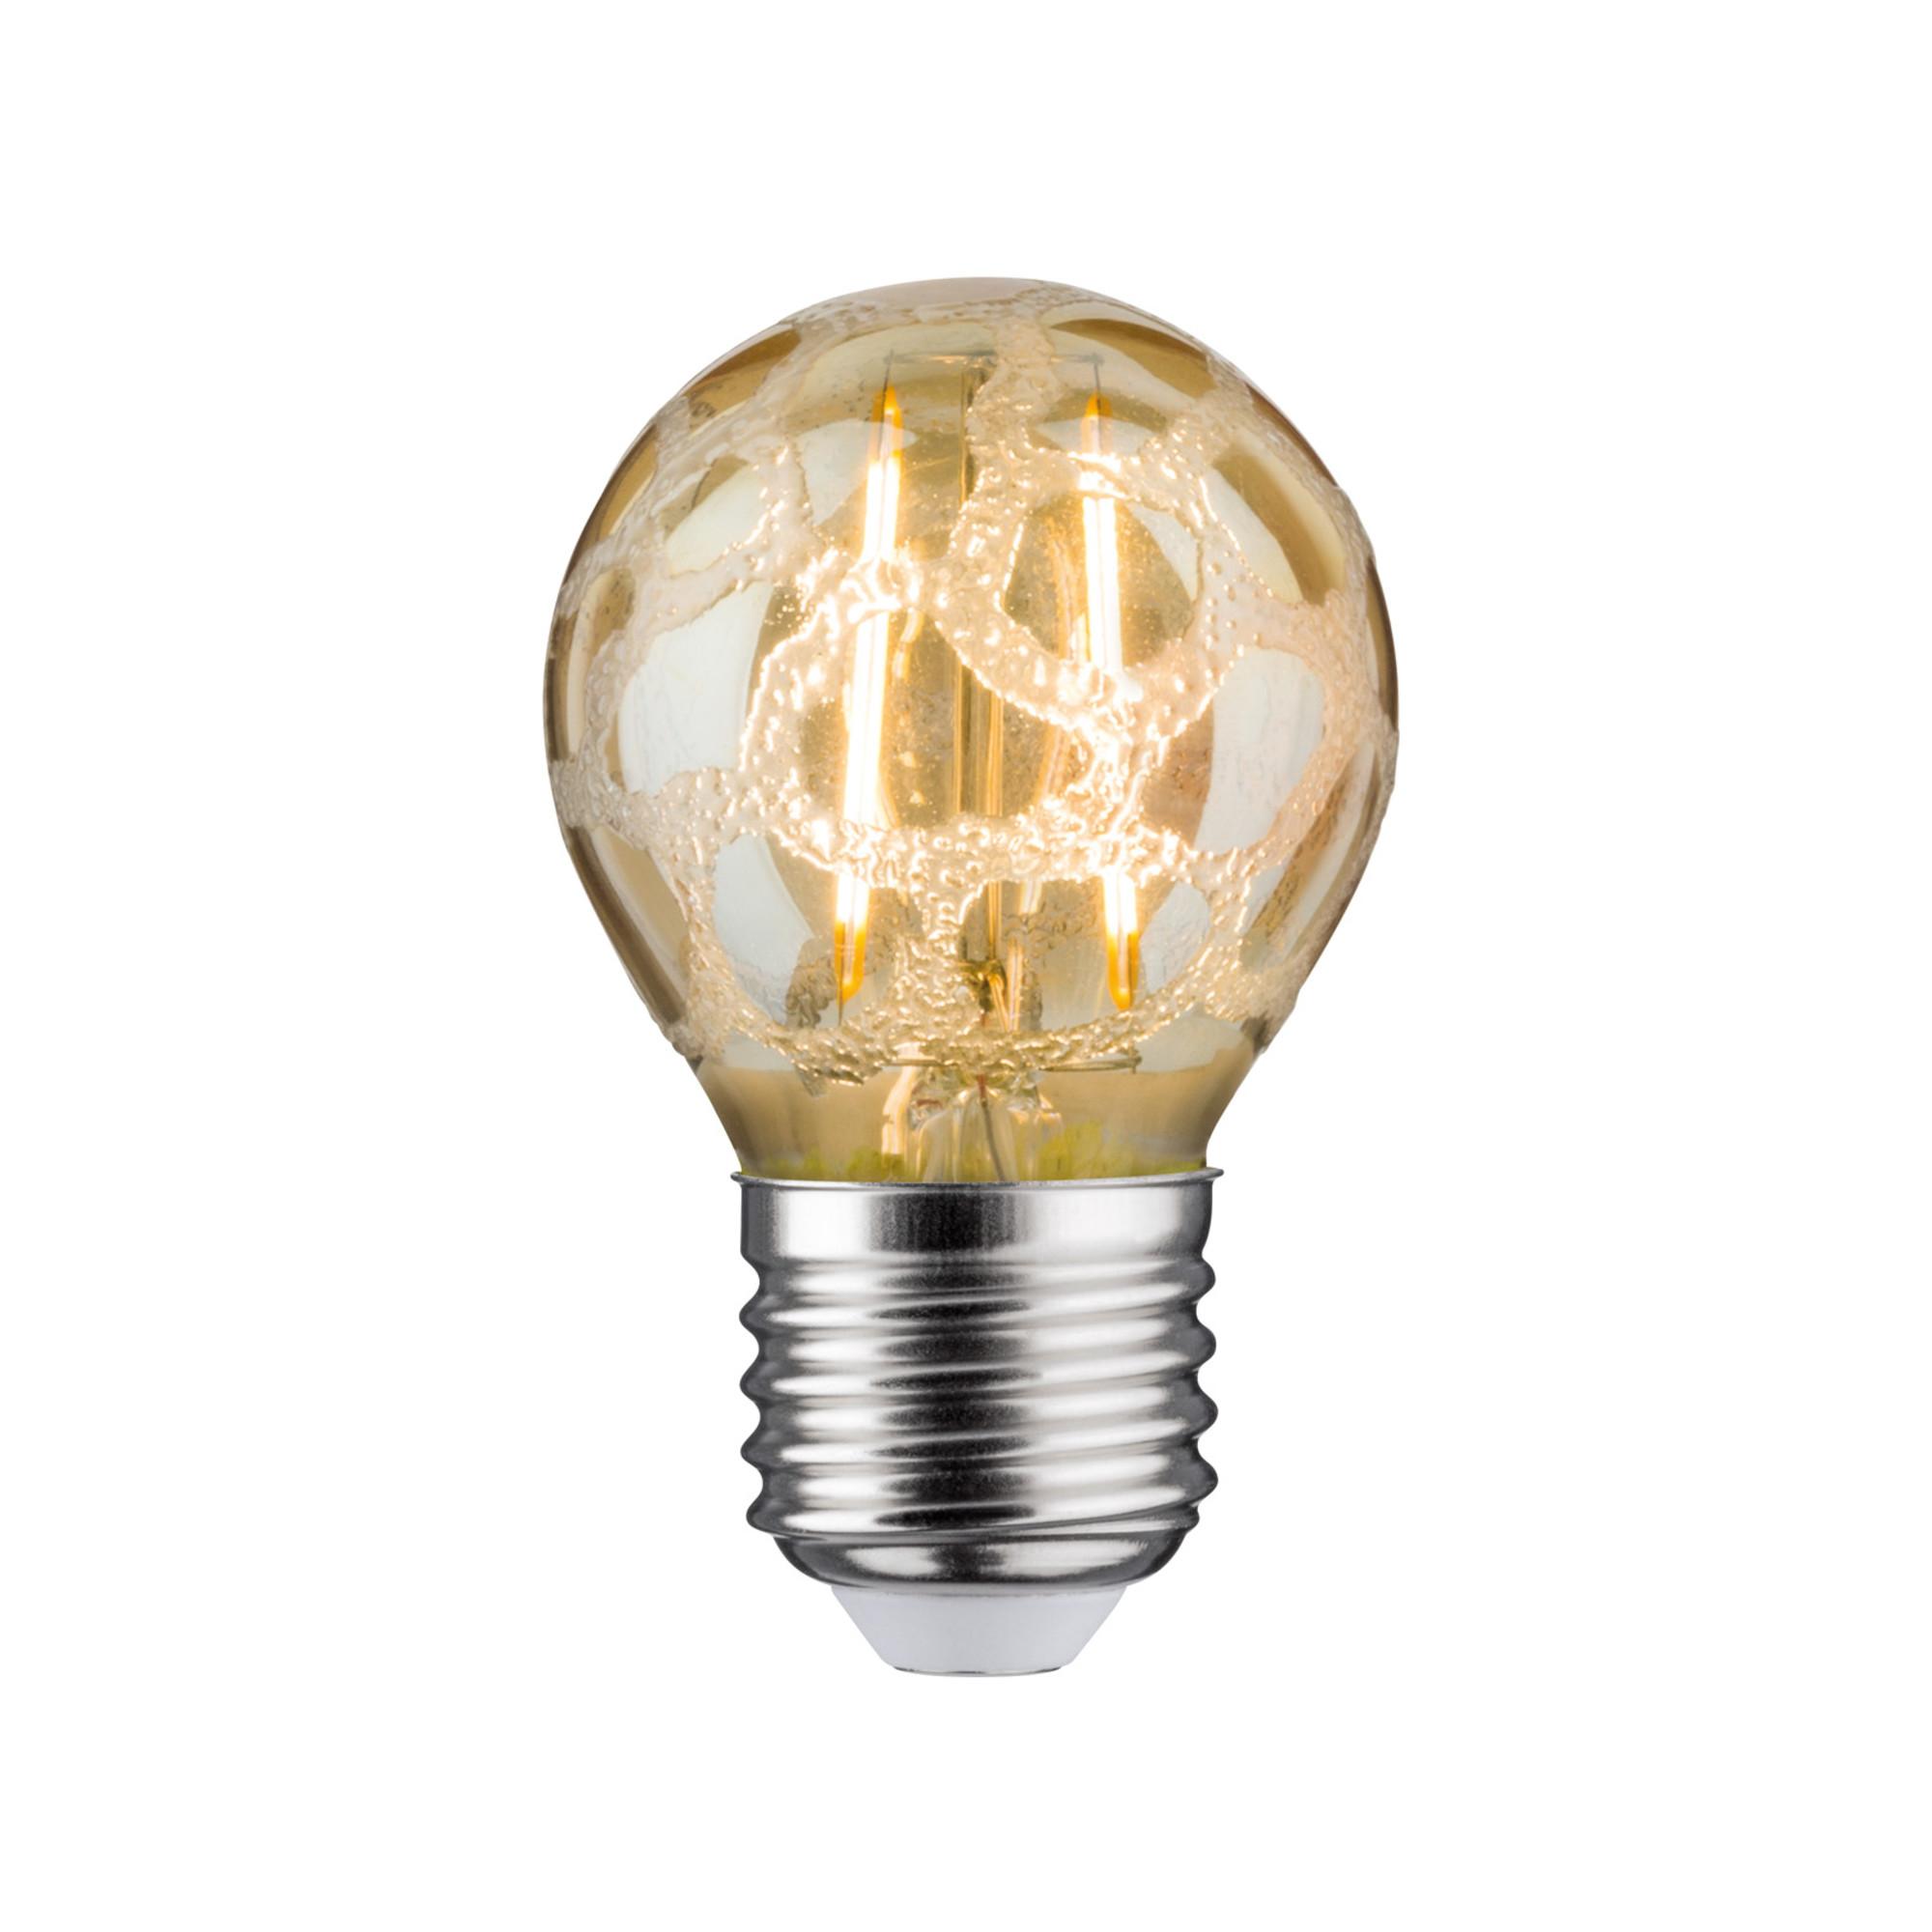 Лампа филаментная Paulmann Ретро Капля 4.5Вт 400лм 2500К Е27 230В Золото Кроколед С регулируемой яркостью 28482.